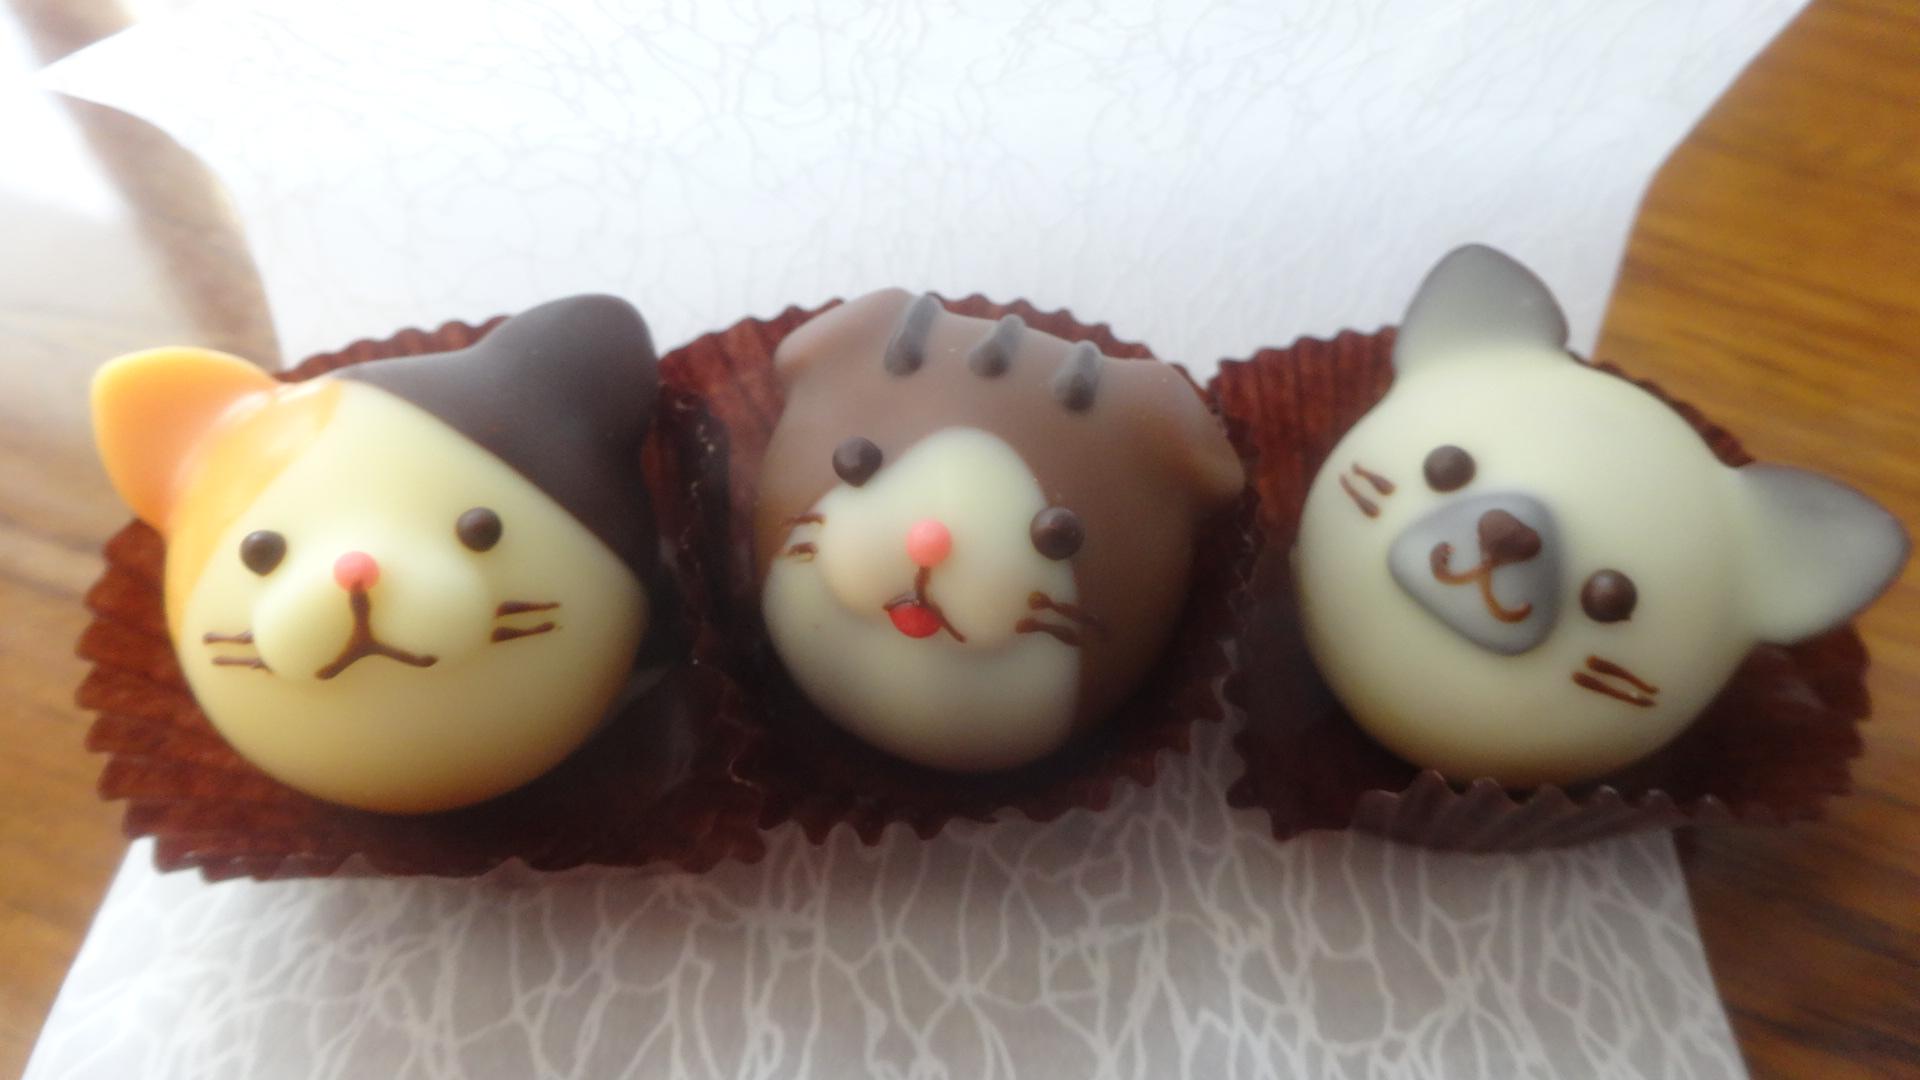 茶色 白 黄色の3匹のネコ顔のチョコレート